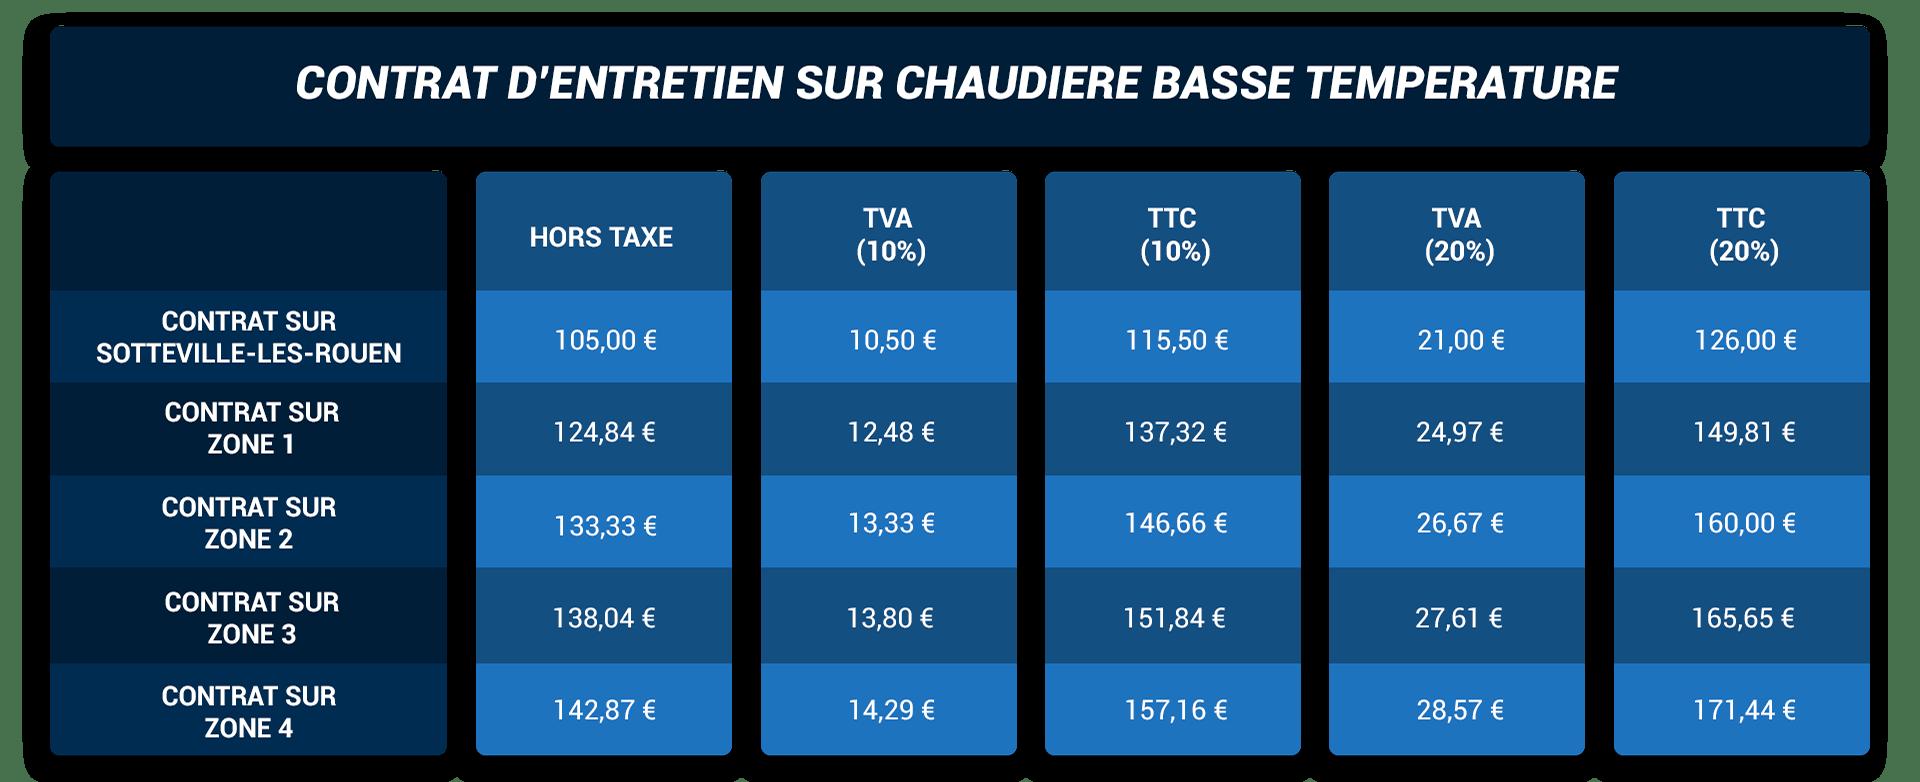 https://www.depannage-mallet.fr/wp-content/uploads/2020/09/contrat-dentretien-pour-chaudiere-basse-temperature.png